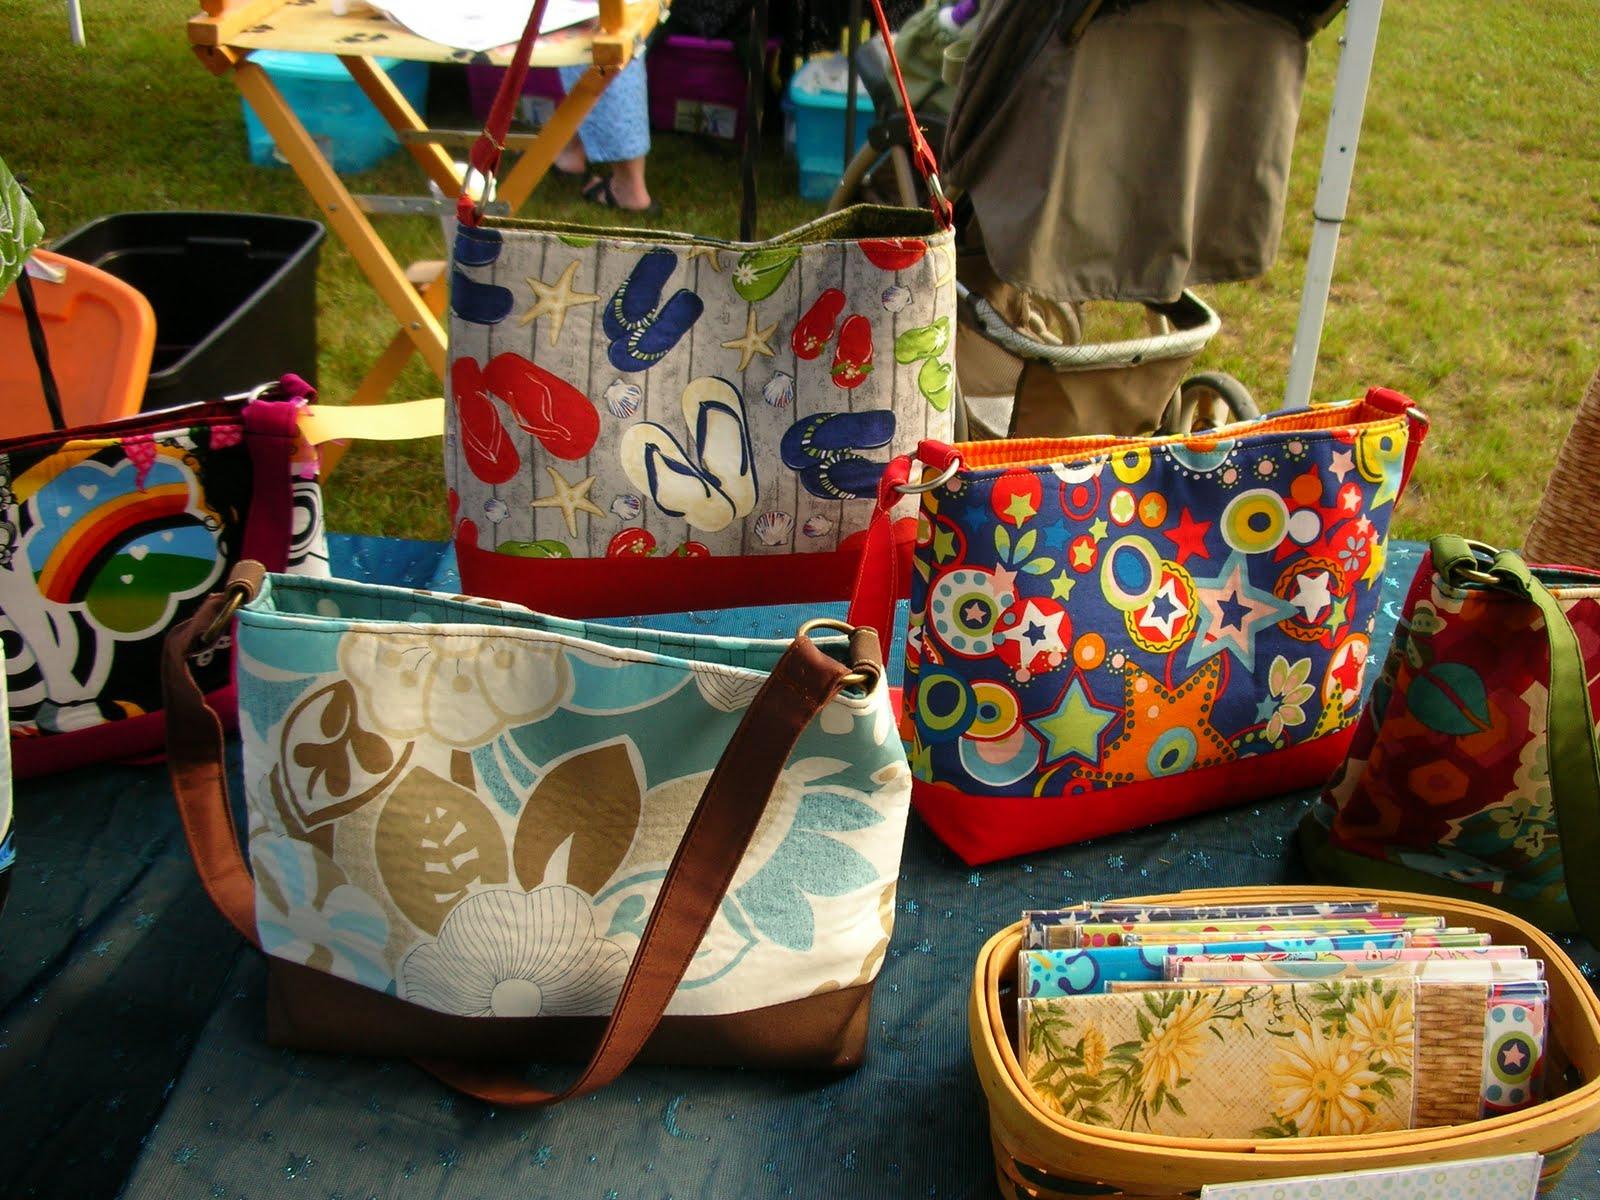 Display Of Handbags At Local Craft Fair